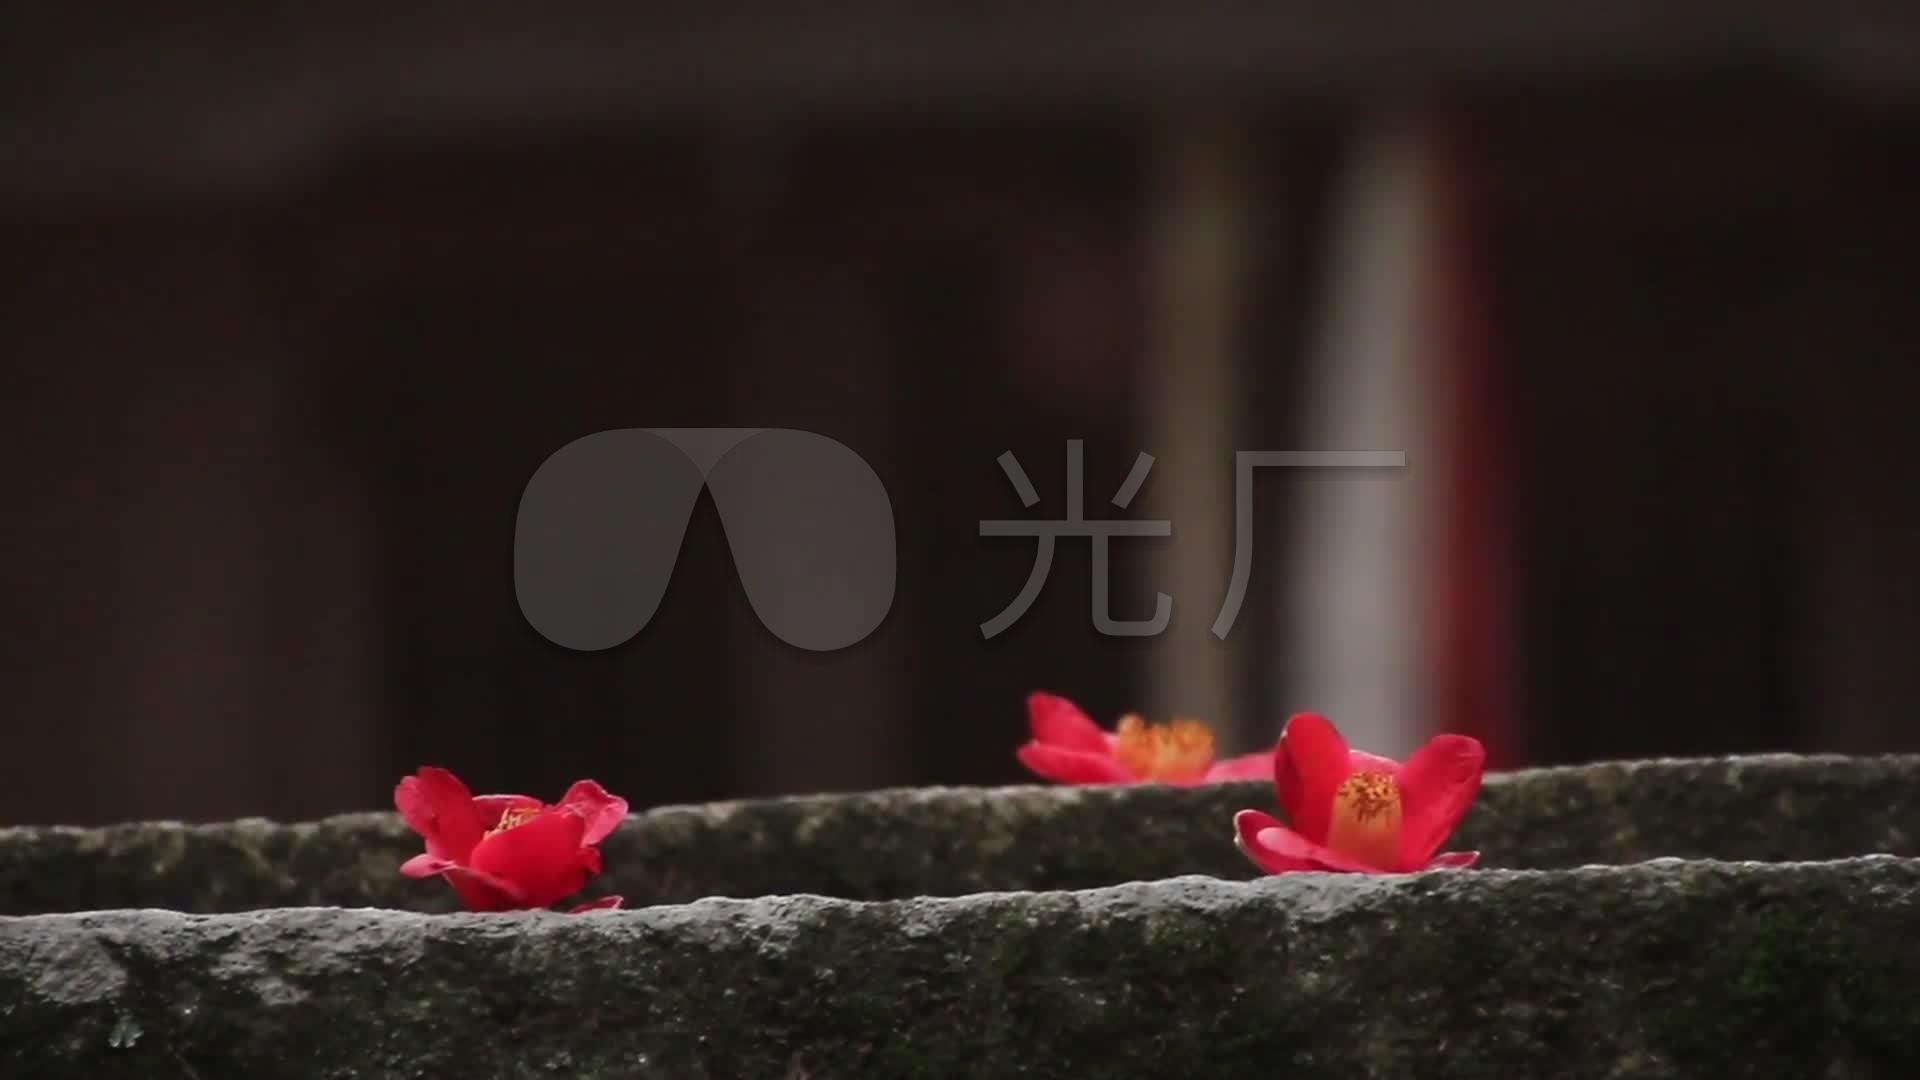 唯美寺庙佛教禅禅意古刹古建筑花儿意境